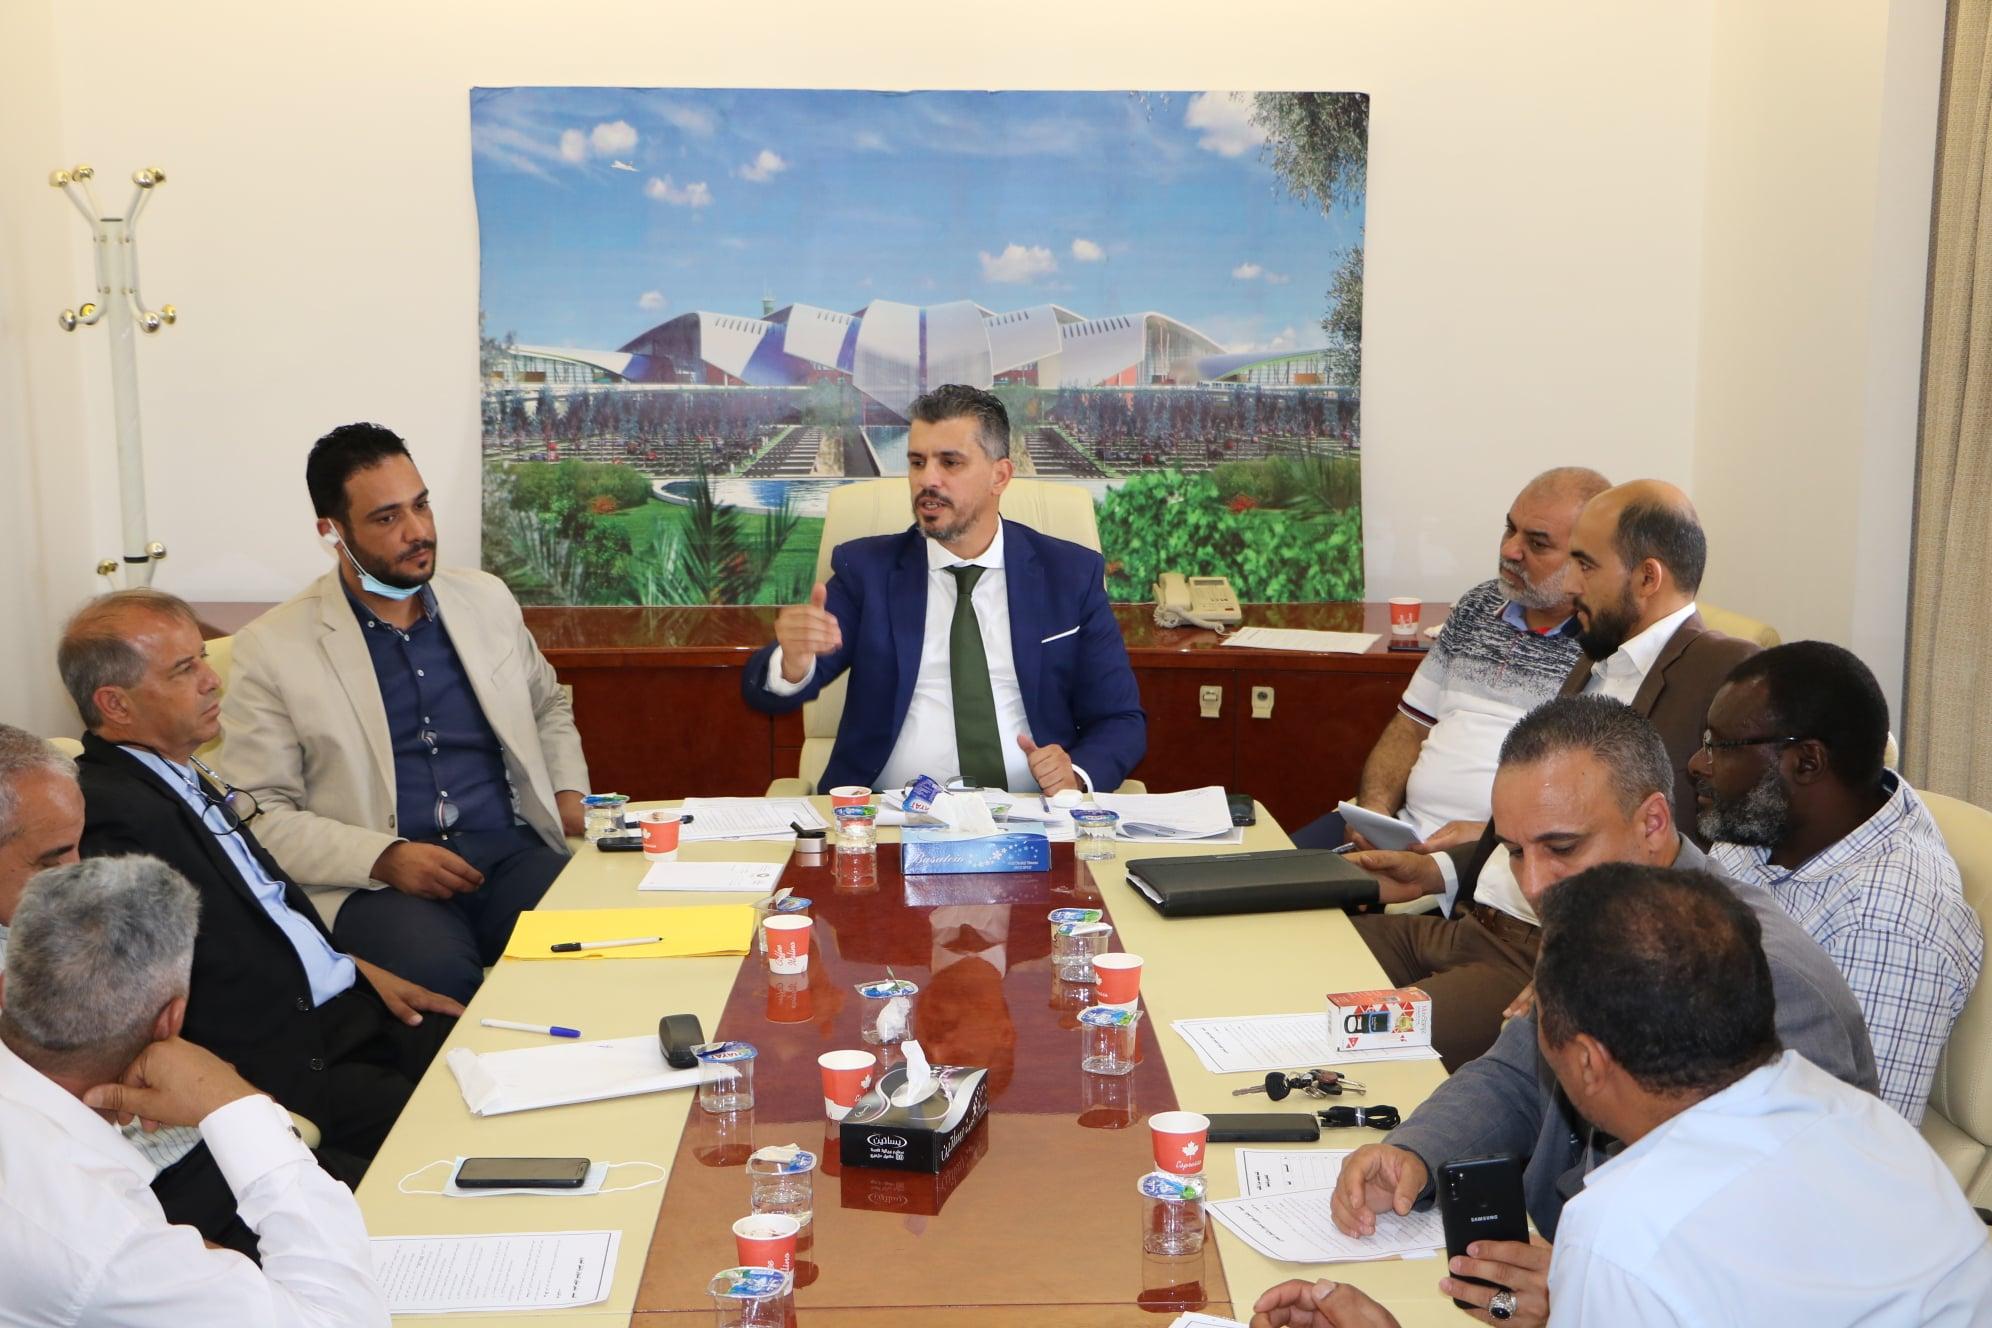 وكيل الوزارة لشؤون الديوان و النقل البحري يلتقي بمدراء مكاتب المواصلات بالمناطق